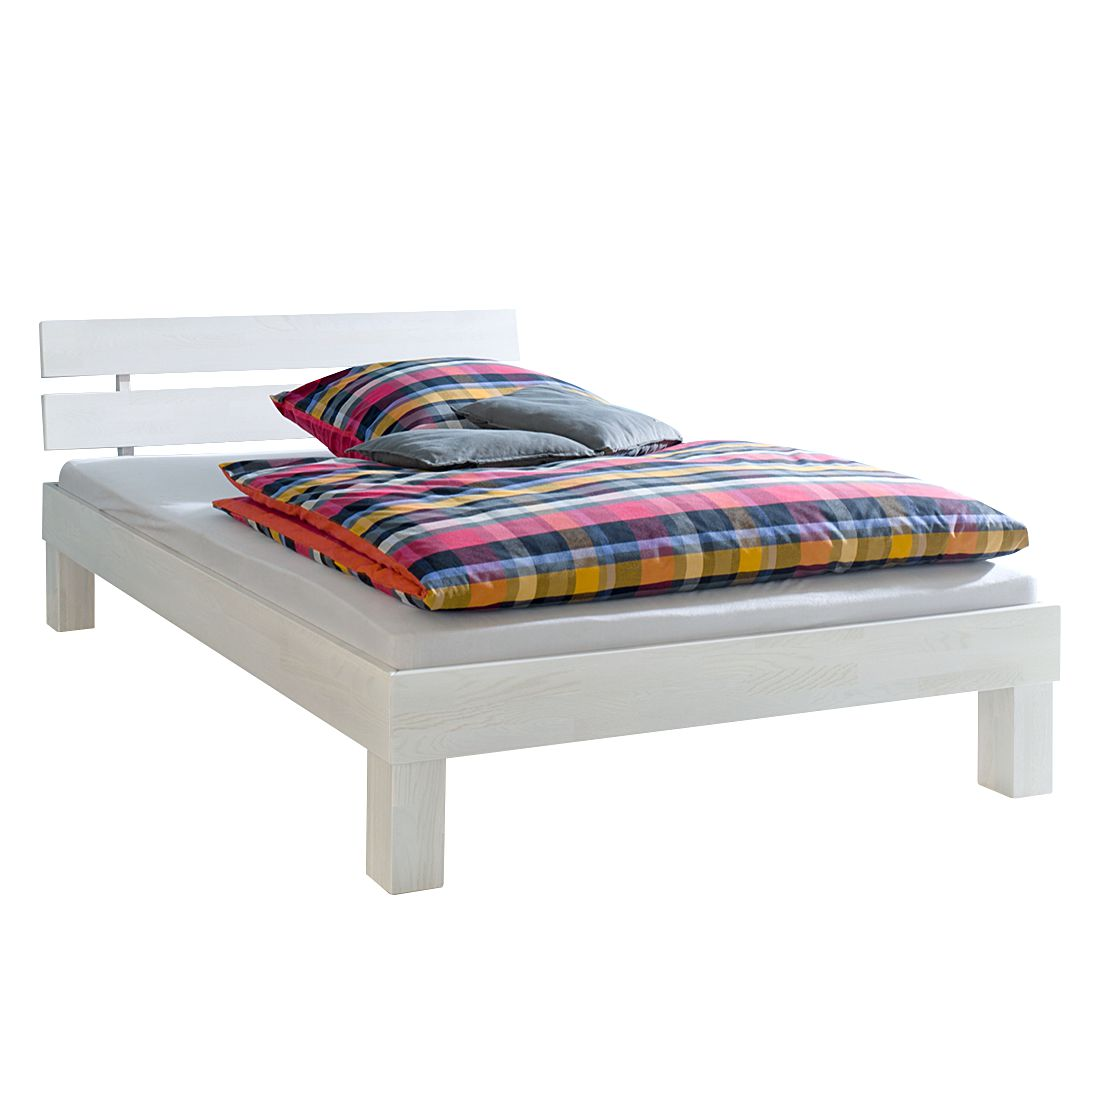 Futonbett Mit Bettkasten Bett 140x200 Bettkasten Watersoftnerguide